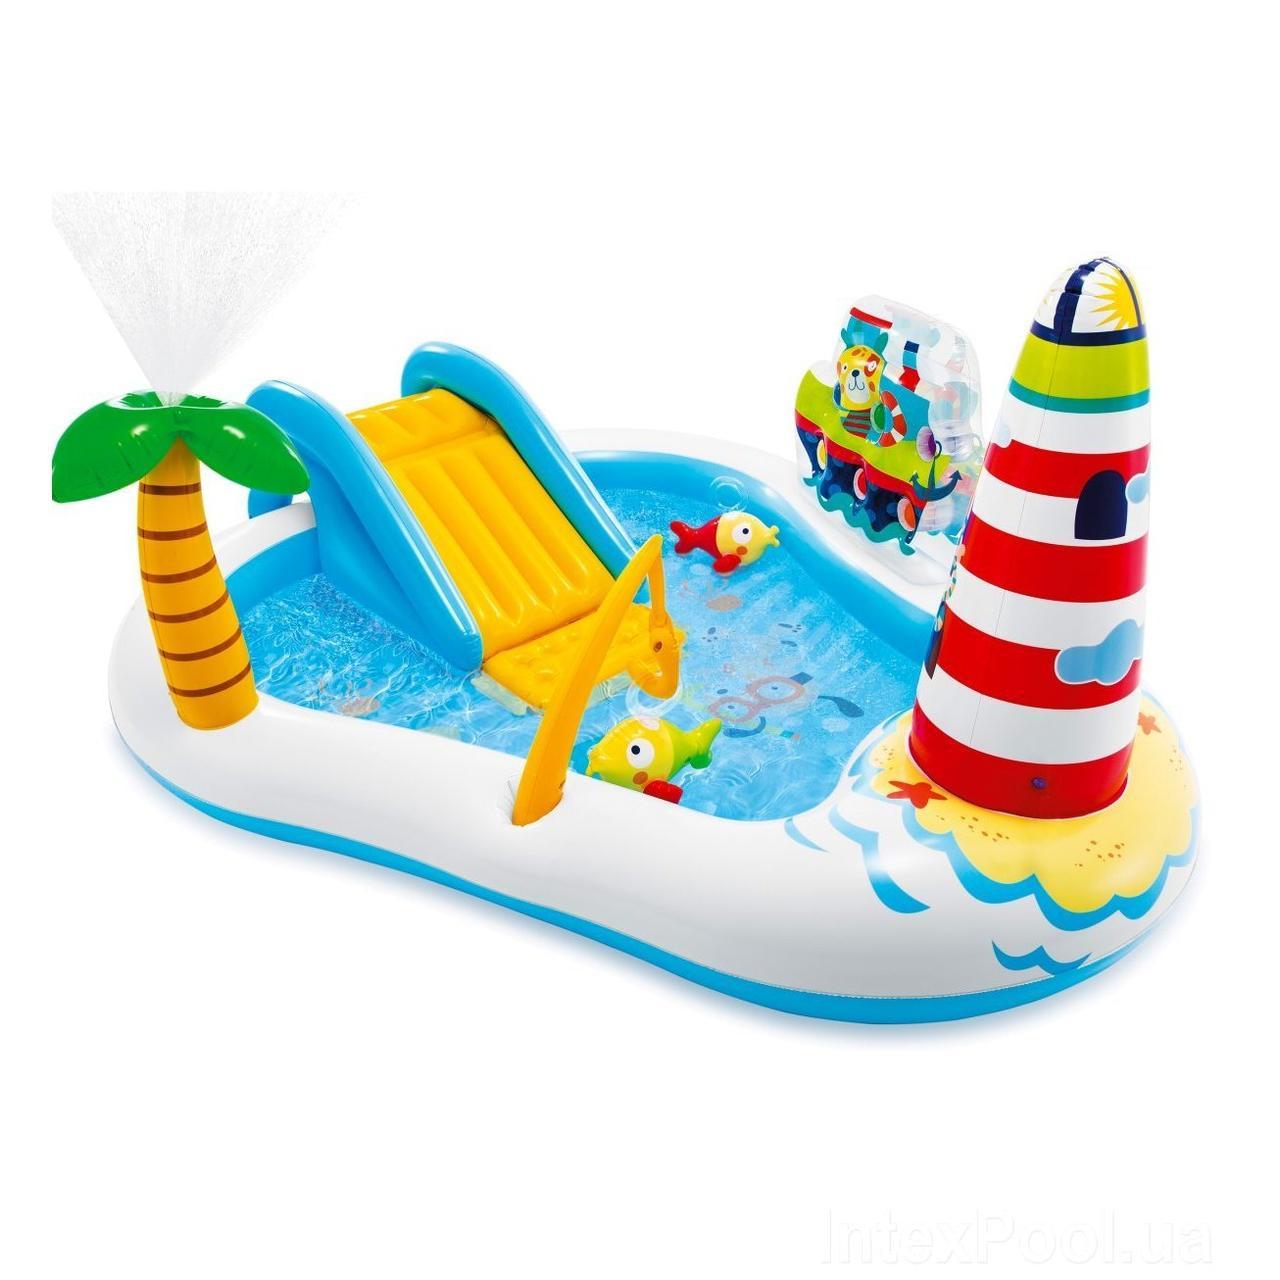 Дитячий надувний ігровий центр басейн Intex 57162 «Весела Рибалка» з гіркою